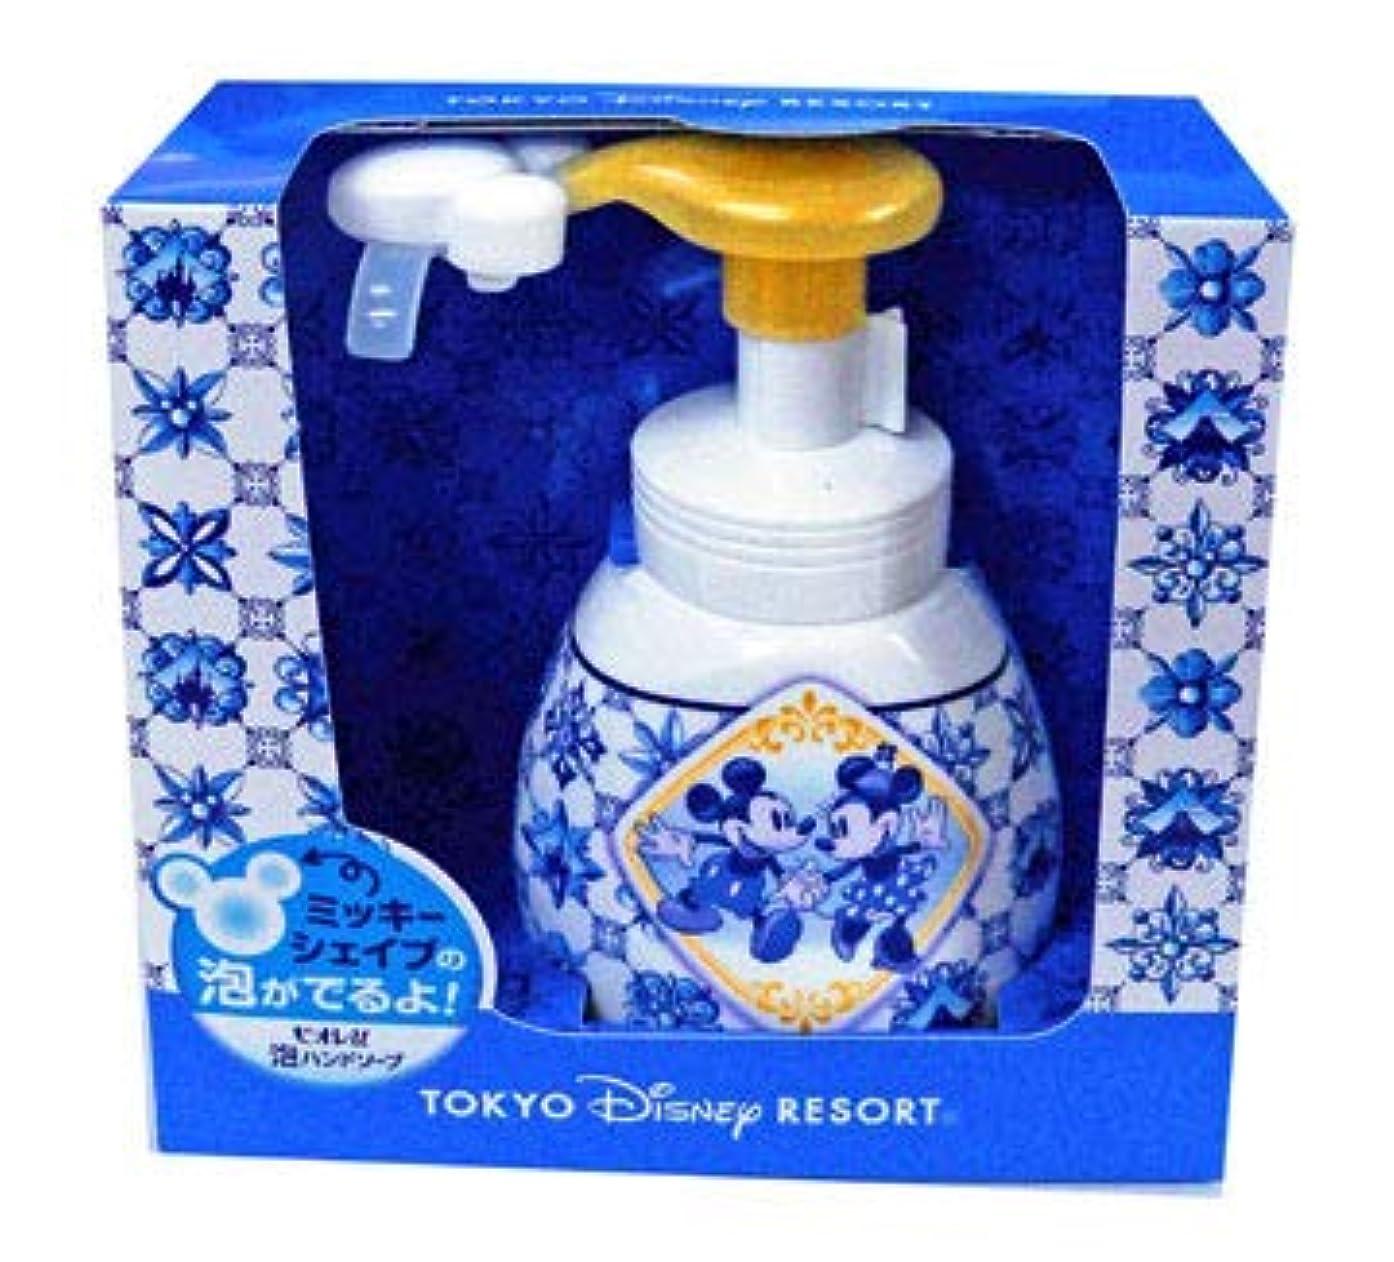 トンシングルテレビ泡ハンドソープ(新デザイン) 東京ディズニーリゾート ミッキーとミニー柄  おみやげ